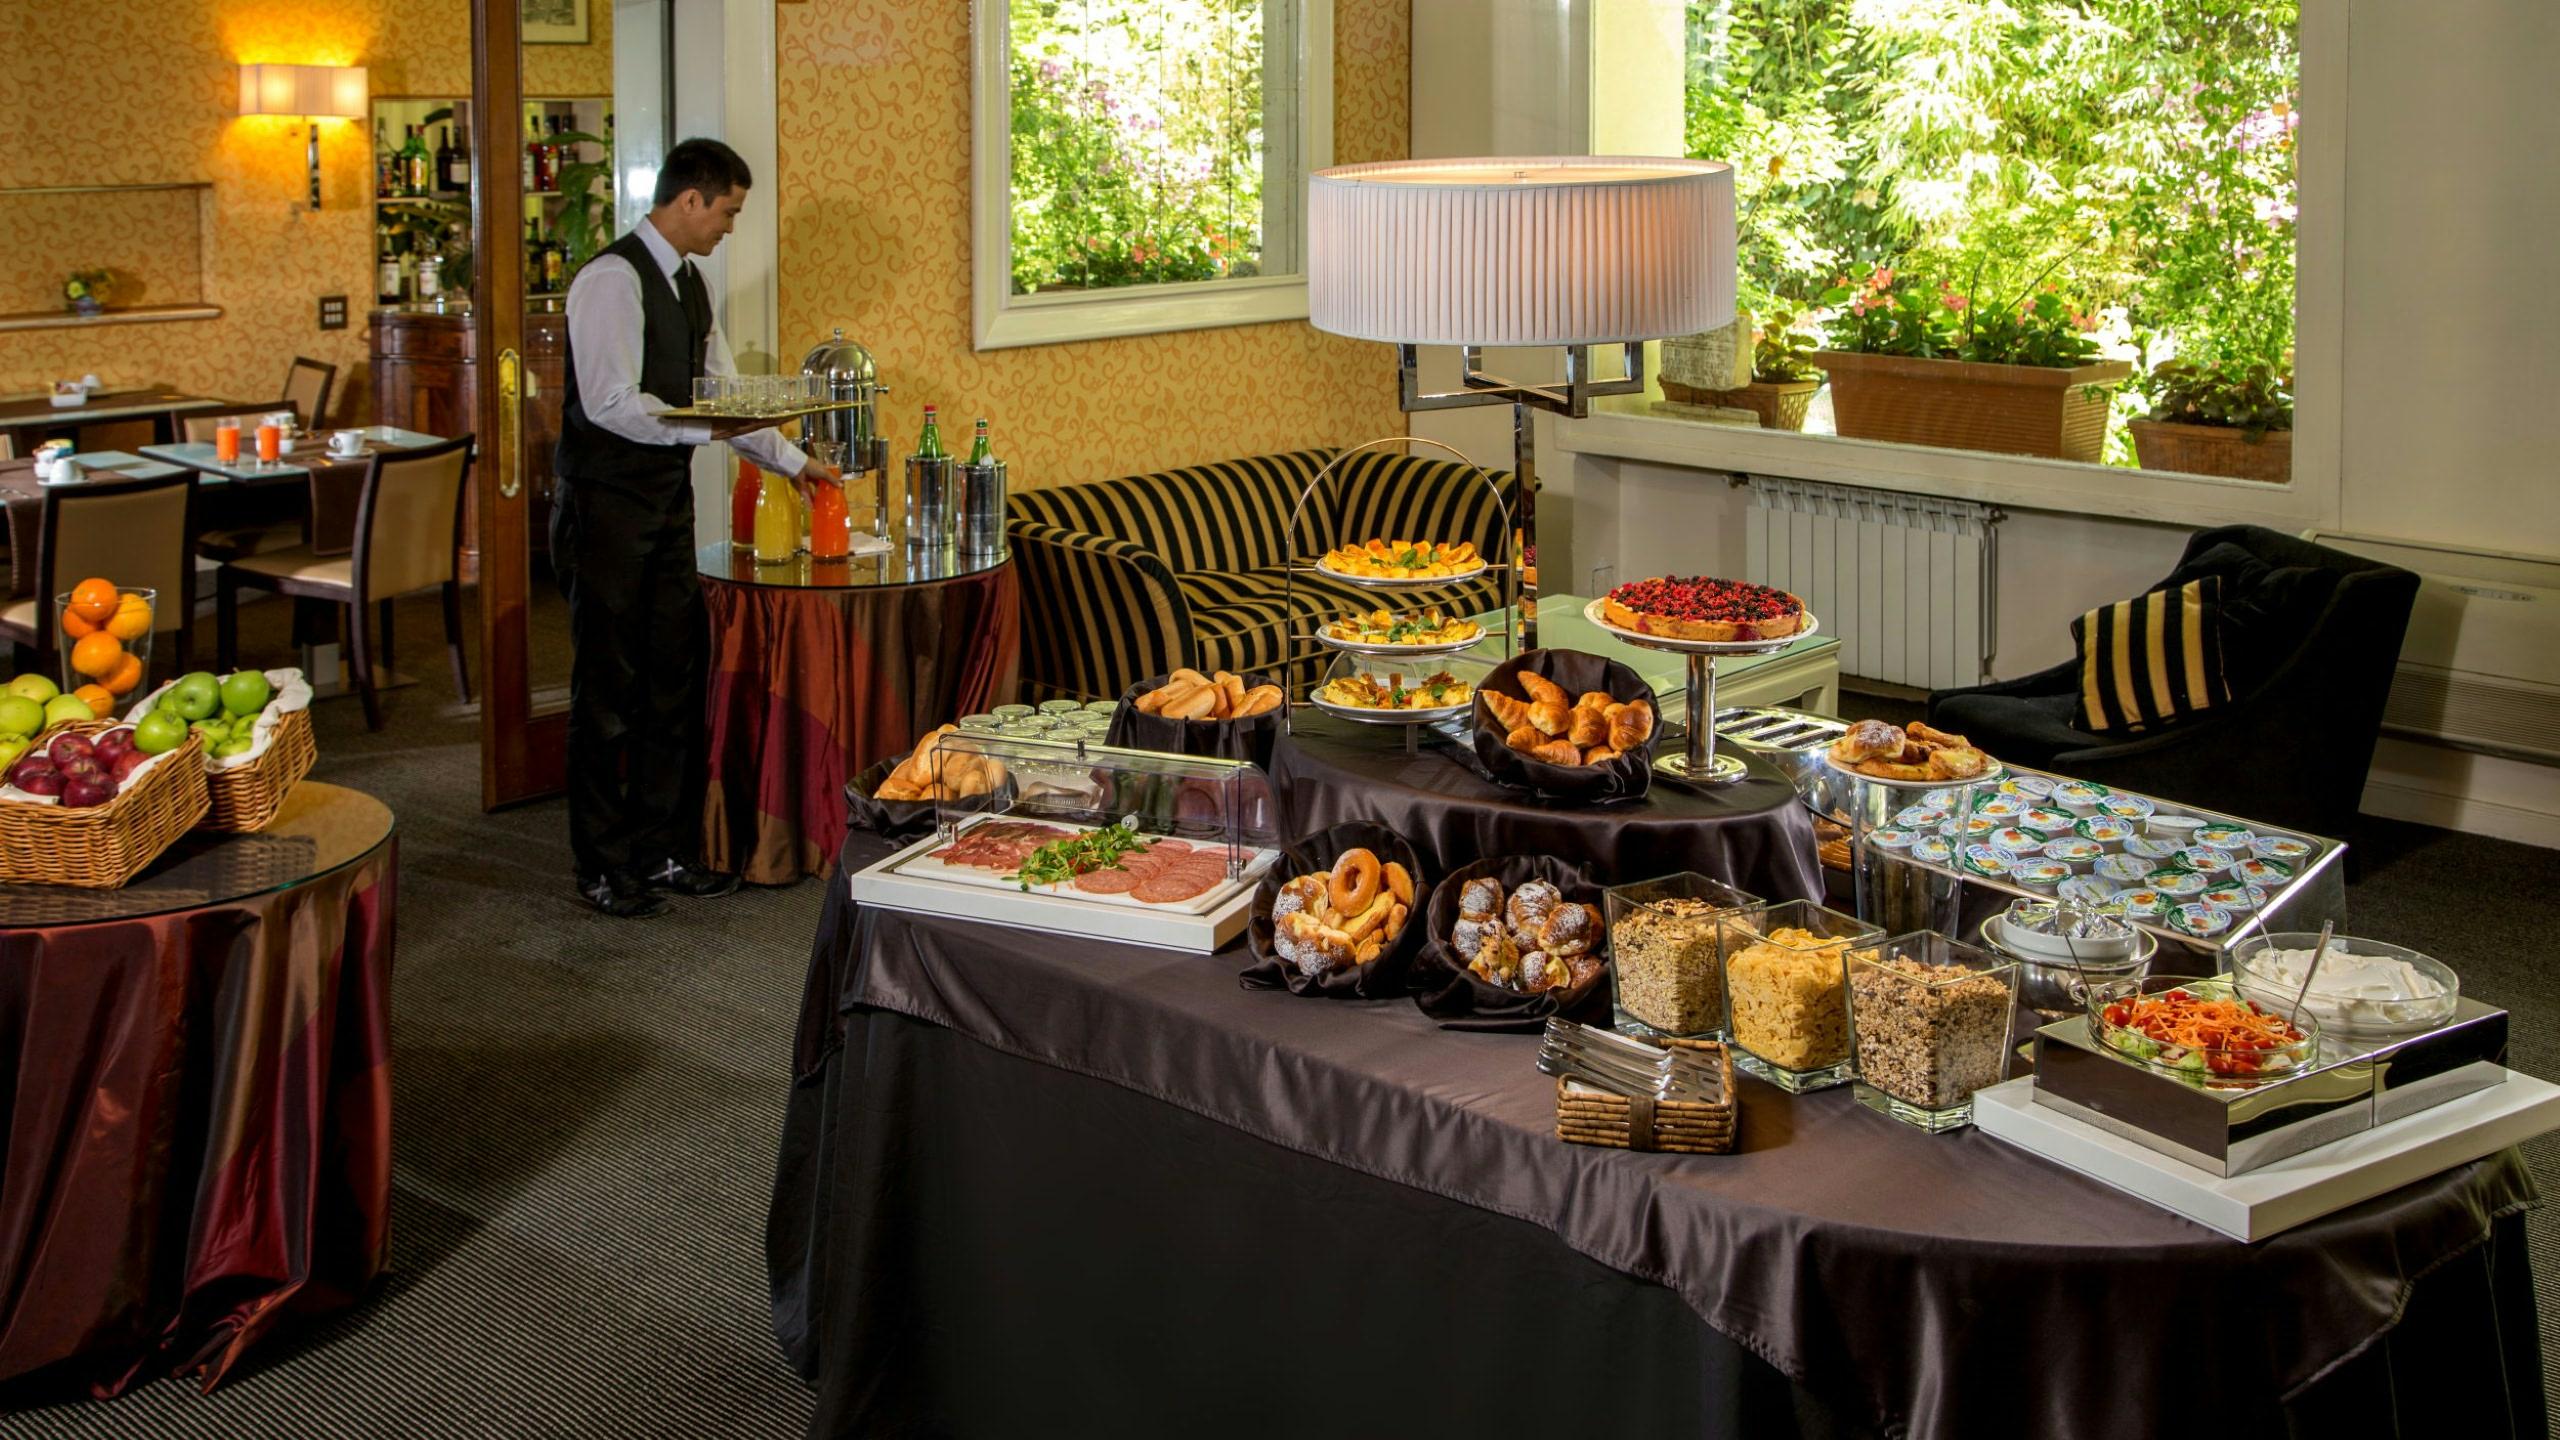 Hotel panama garden via salaria rome italy garden ftempo - Garden state orthopedics fair lawn ...